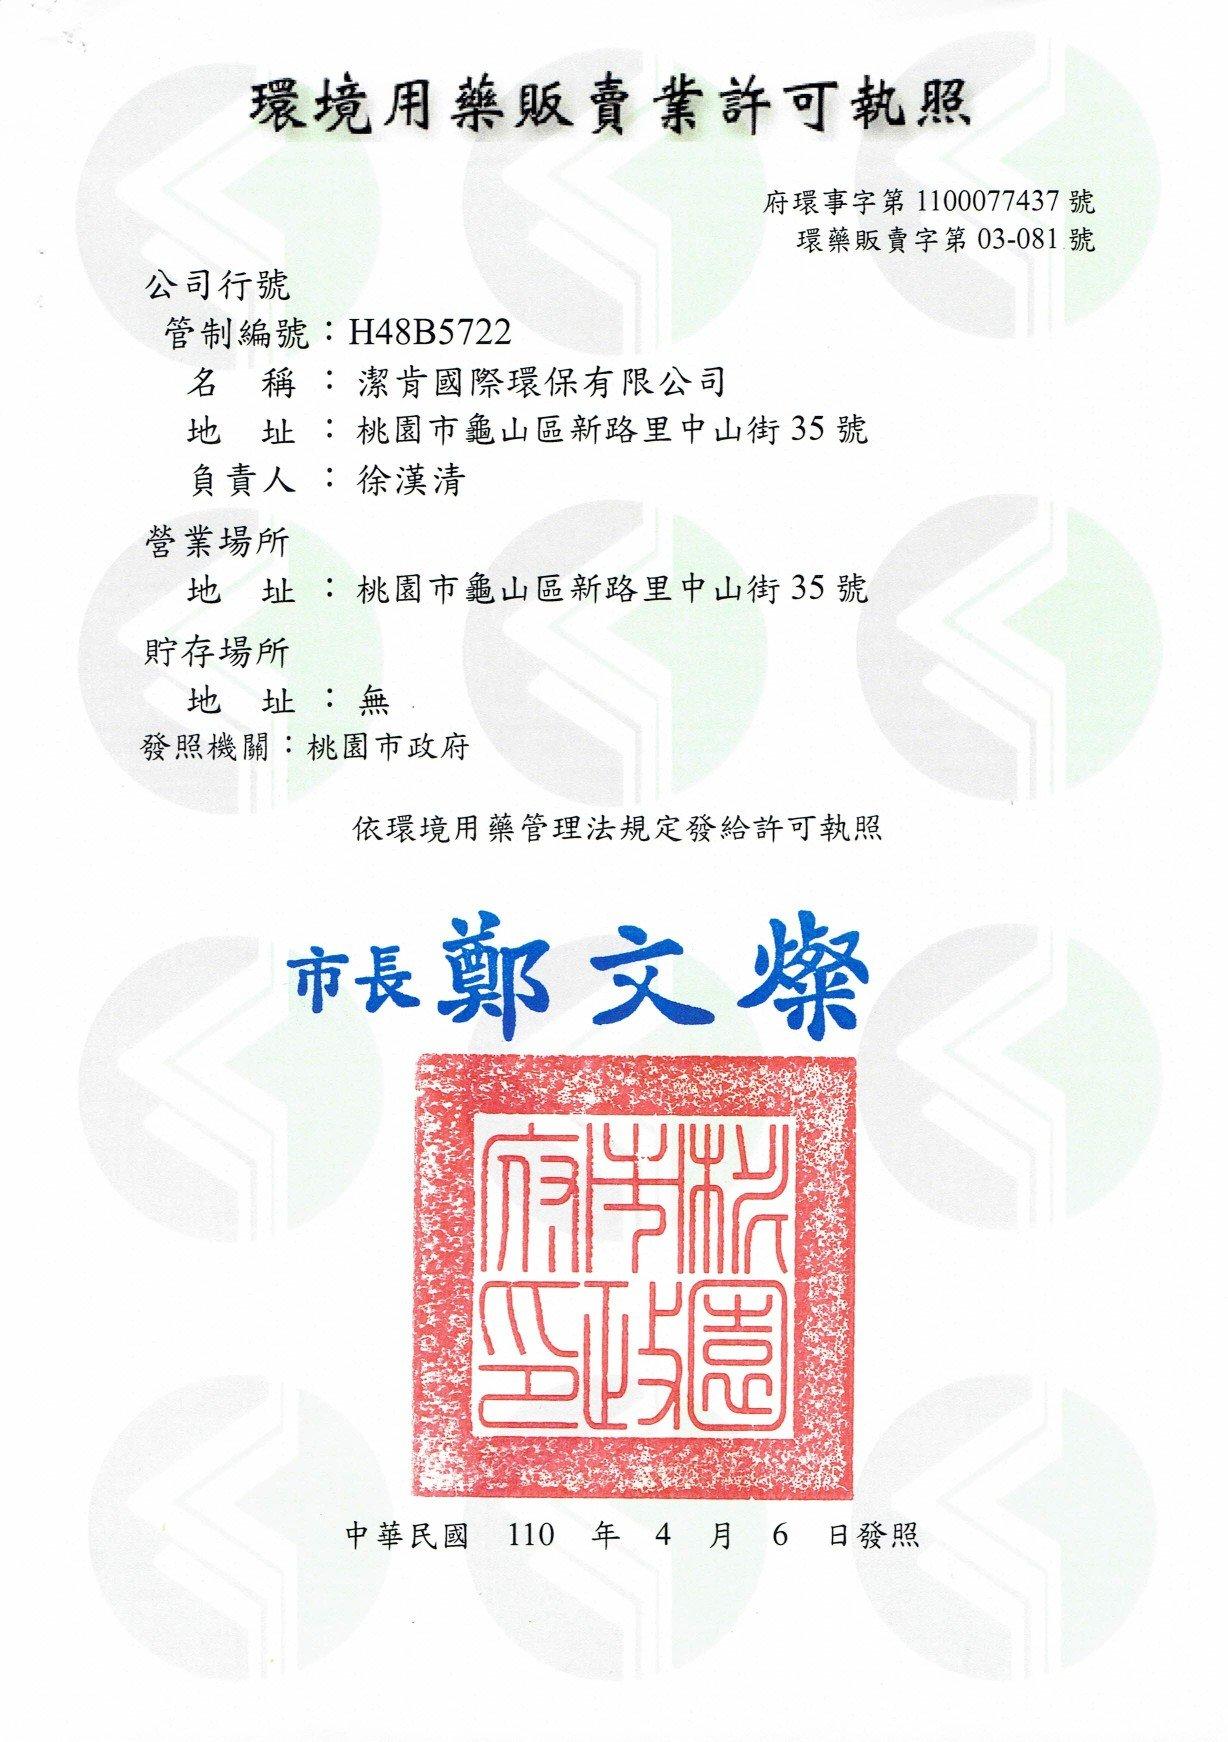 潔肯國際國際環保 專業除蟲公司、滅(除)鼠、除甲醛、空氣品質 病蟲害防治專家-環境用藥販賣許可證